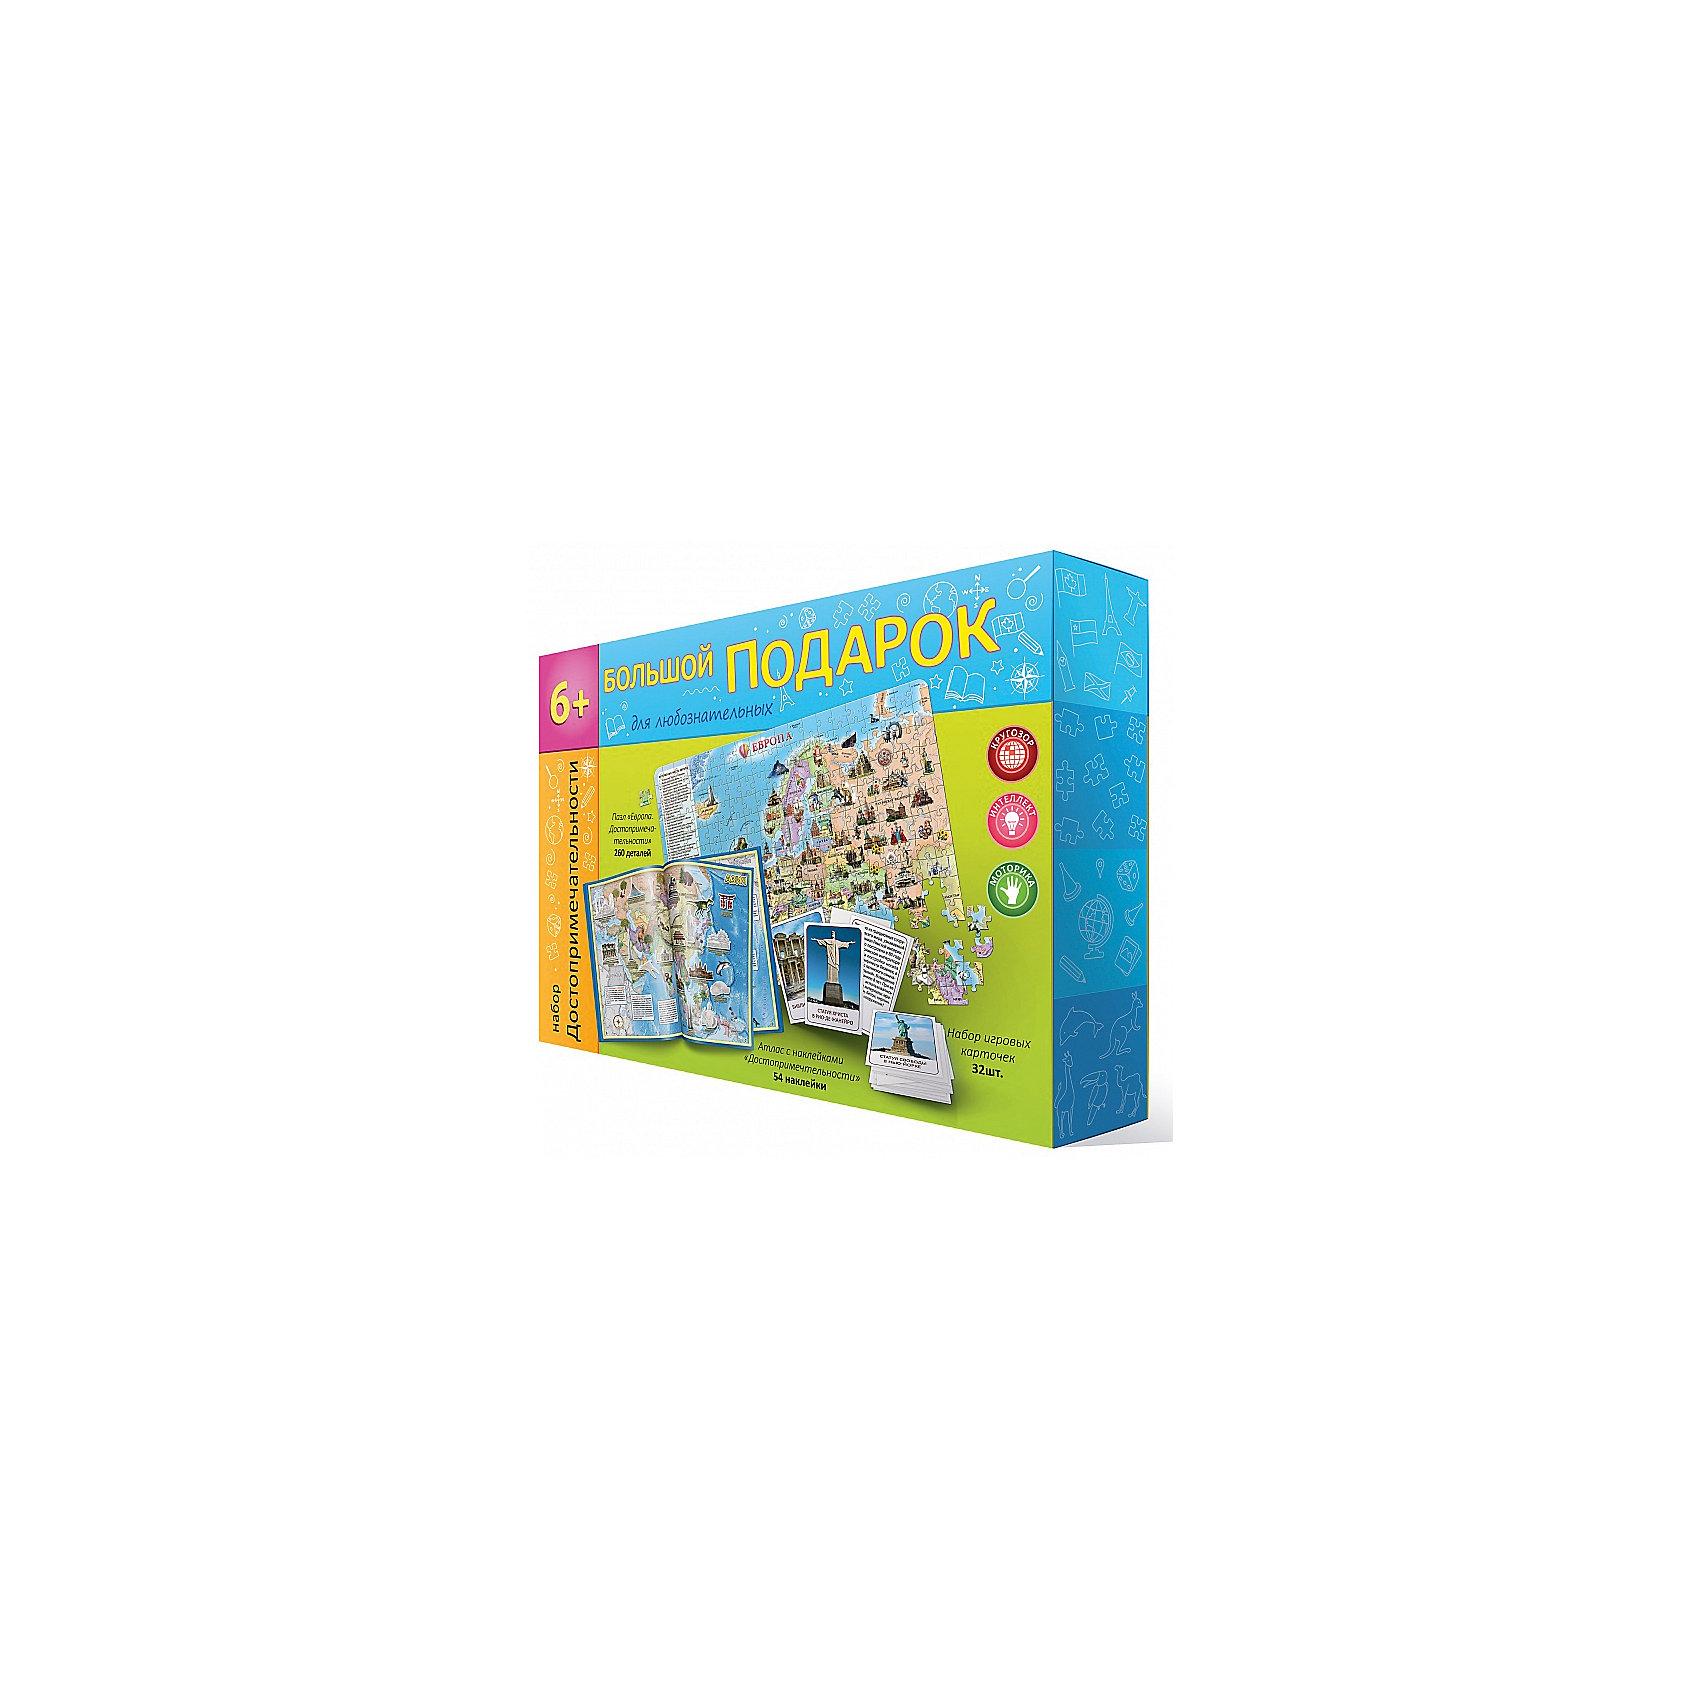 Пазл 260 деталей Достопримечательности, + атлас с наклейками + игровые карточкиКлассические пазлы<br>Характеристики товара:<br><br>• возраст от 6 лет;<br>• материал: картон;<br>• в комплекте: пазл 260 деталей, атлас, наклейки, набор игровых карточек;<br>• размер пазла 33х47 см;<br>• размер упаковки 31х22х5 см;<br>• страна производитель: Россия.<br><br>Набор «Пазл Достопримечательности + атлас с наклейками + игровые карточки» ГеоДом позволит увлекательно и познавательно провести время. В наборе пазл с изображением карты Европы и ее известных достопримечательностей, музеев, парков, дворцов, игровые карточки с известными местами и атлас с наклейками. Ребенок познакомится с окружающим миром, известными и красивыми местами на нашей планете, памятниками архитектуры, миром животных.<br><br>Набор «Пазл Достопримечательности + атлас с наклейками + игровые карточки» ГеоДом можно приобрести в нашем интернет-магазине.<br><br>Ширина мм: 310<br>Глубина мм: 220<br>Высота мм: 50<br>Вес г: 493<br>Возраст от месяцев: 72<br>Возраст до месяцев: 2147483647<br>Пол: Унисекс<br>Возраст: Детский<br>SKU: 5518193